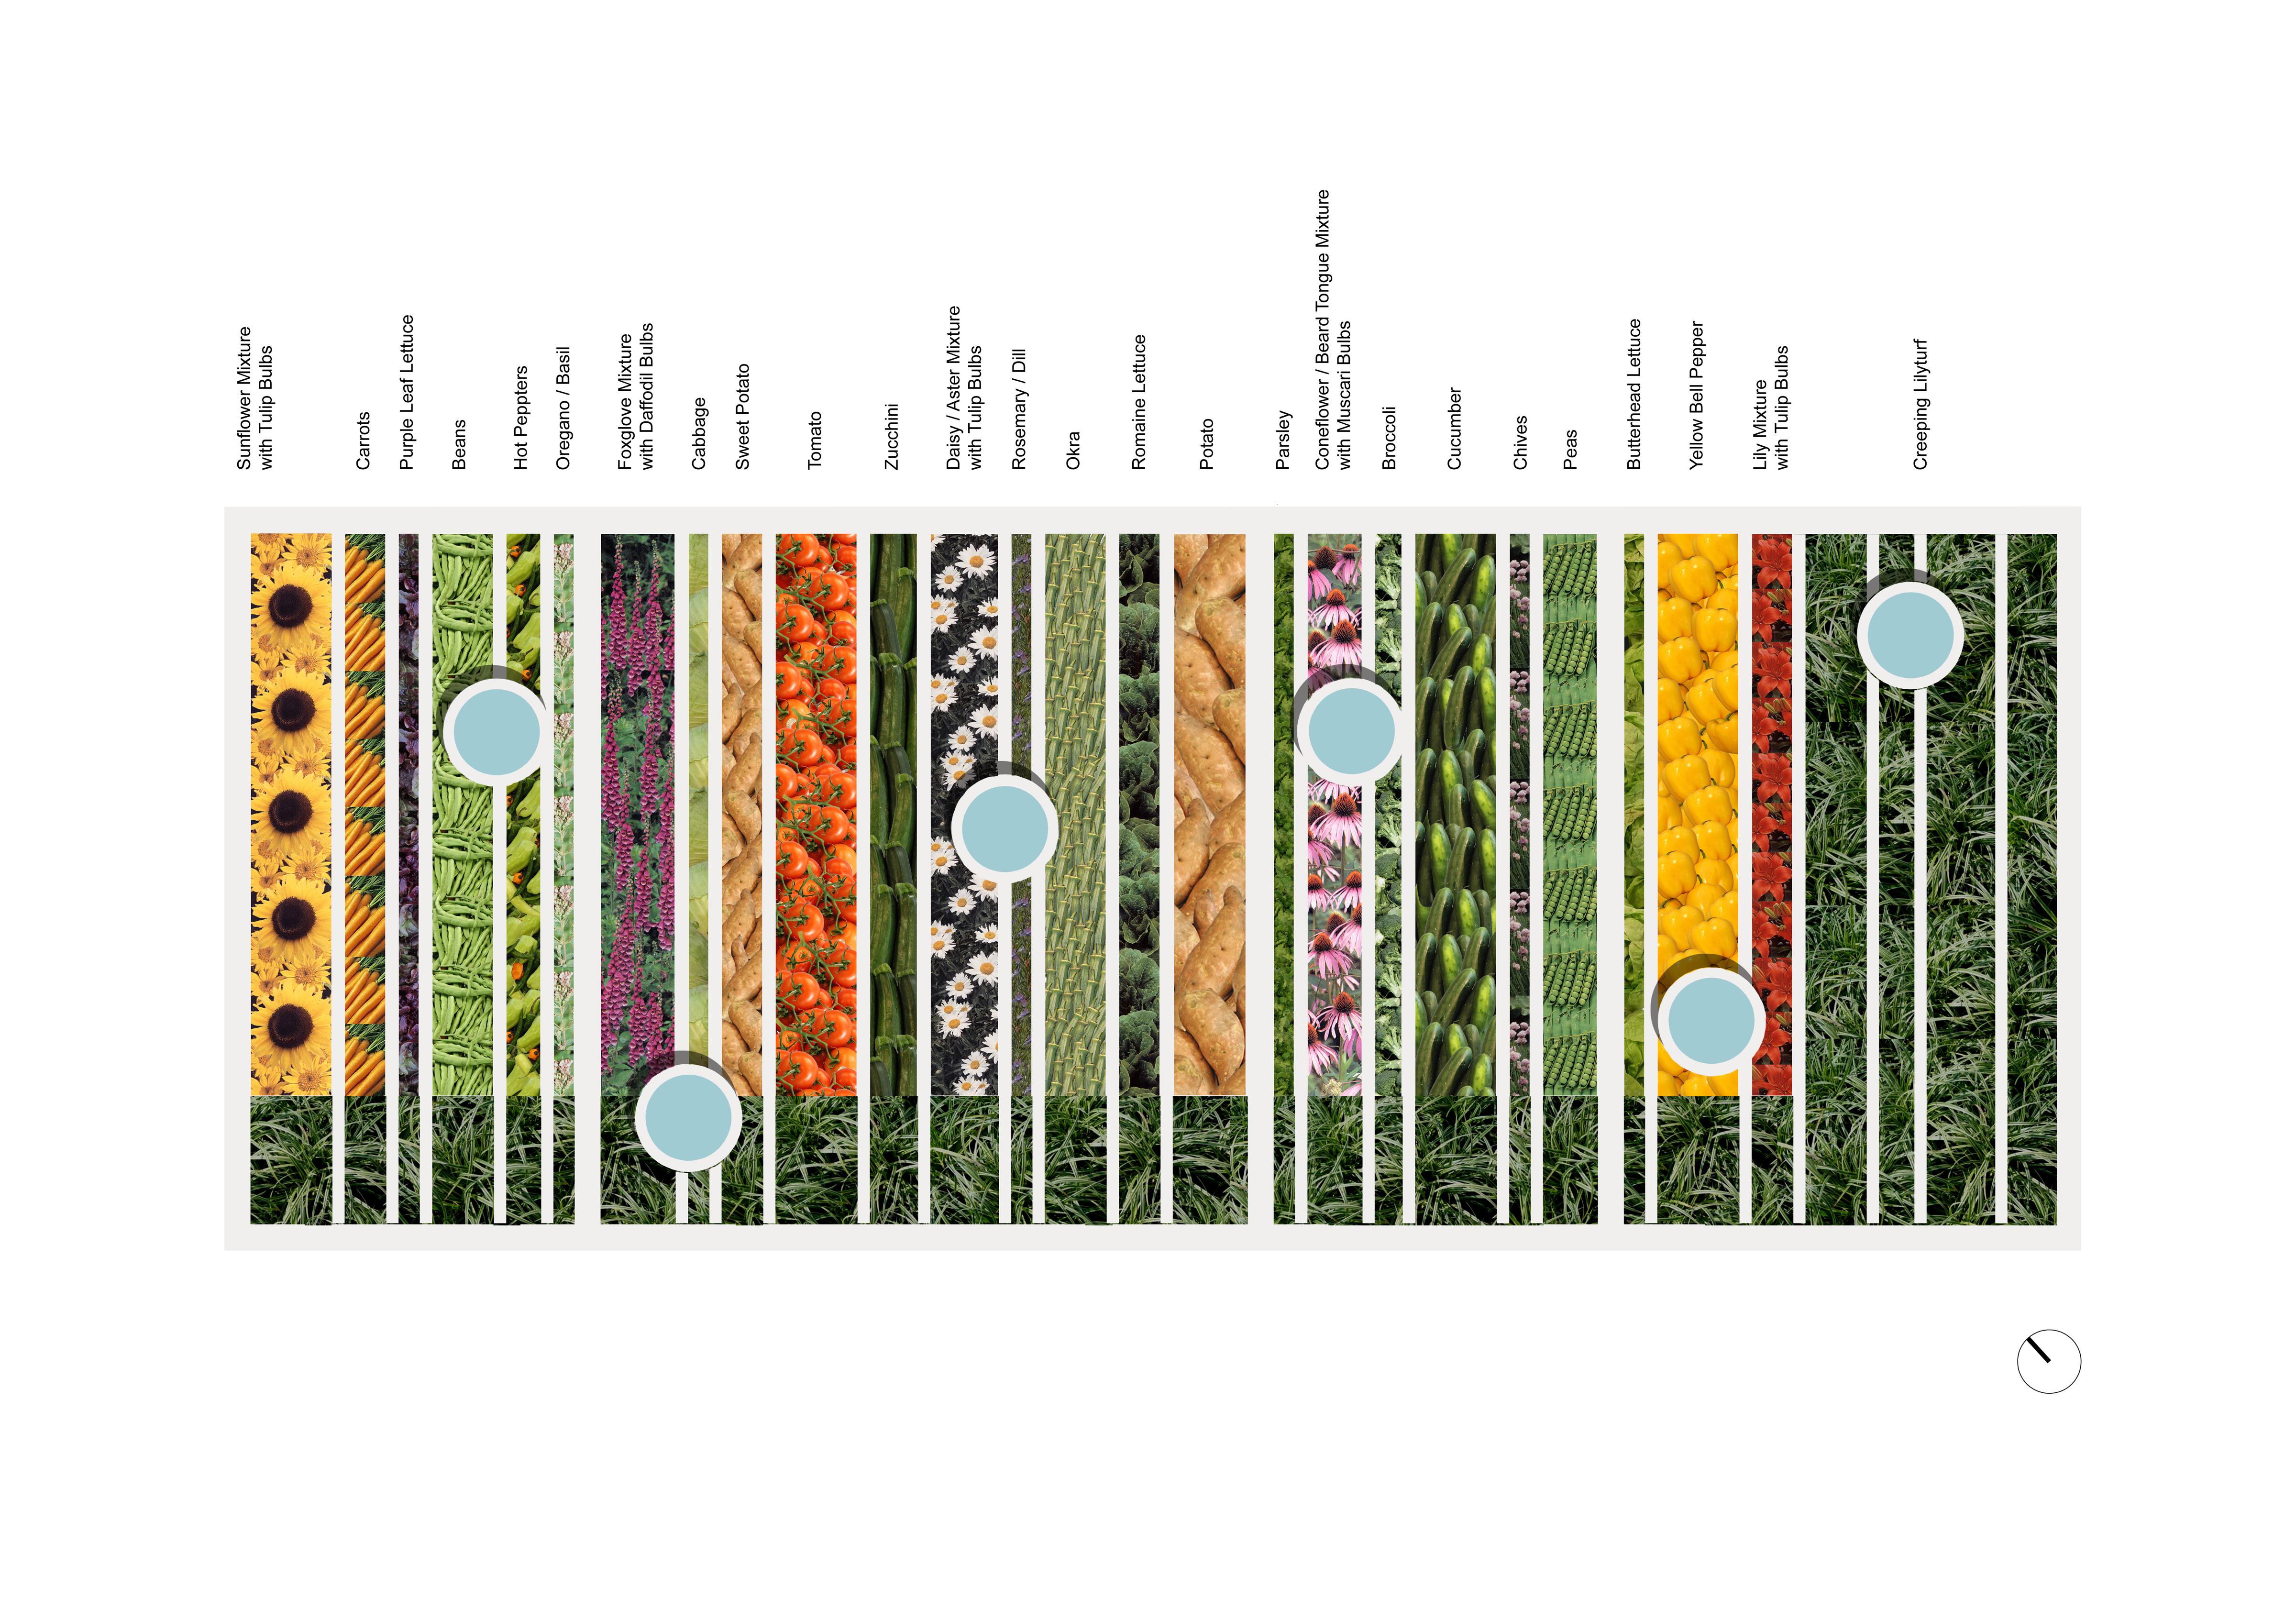 Vegetable Garden Plans For Zone 5